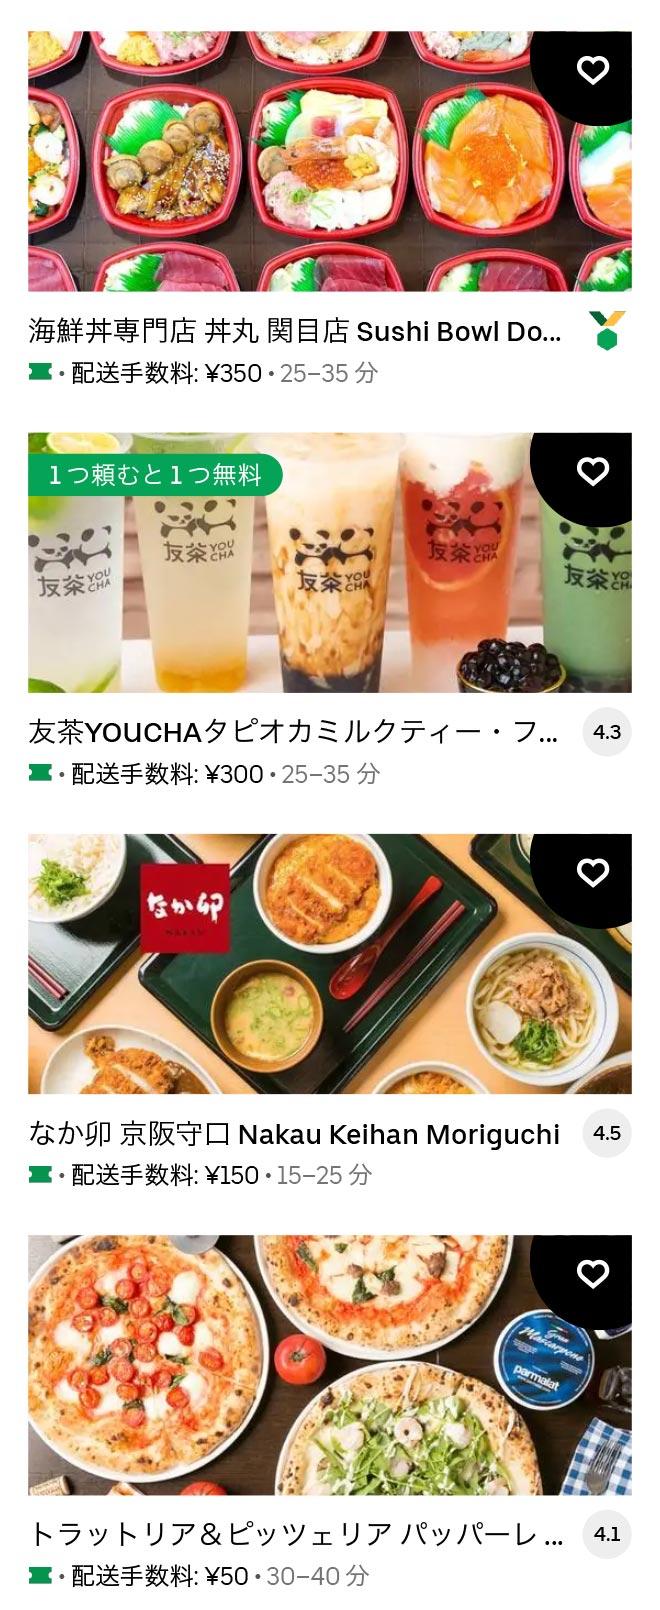 U moriguchi 2105 09